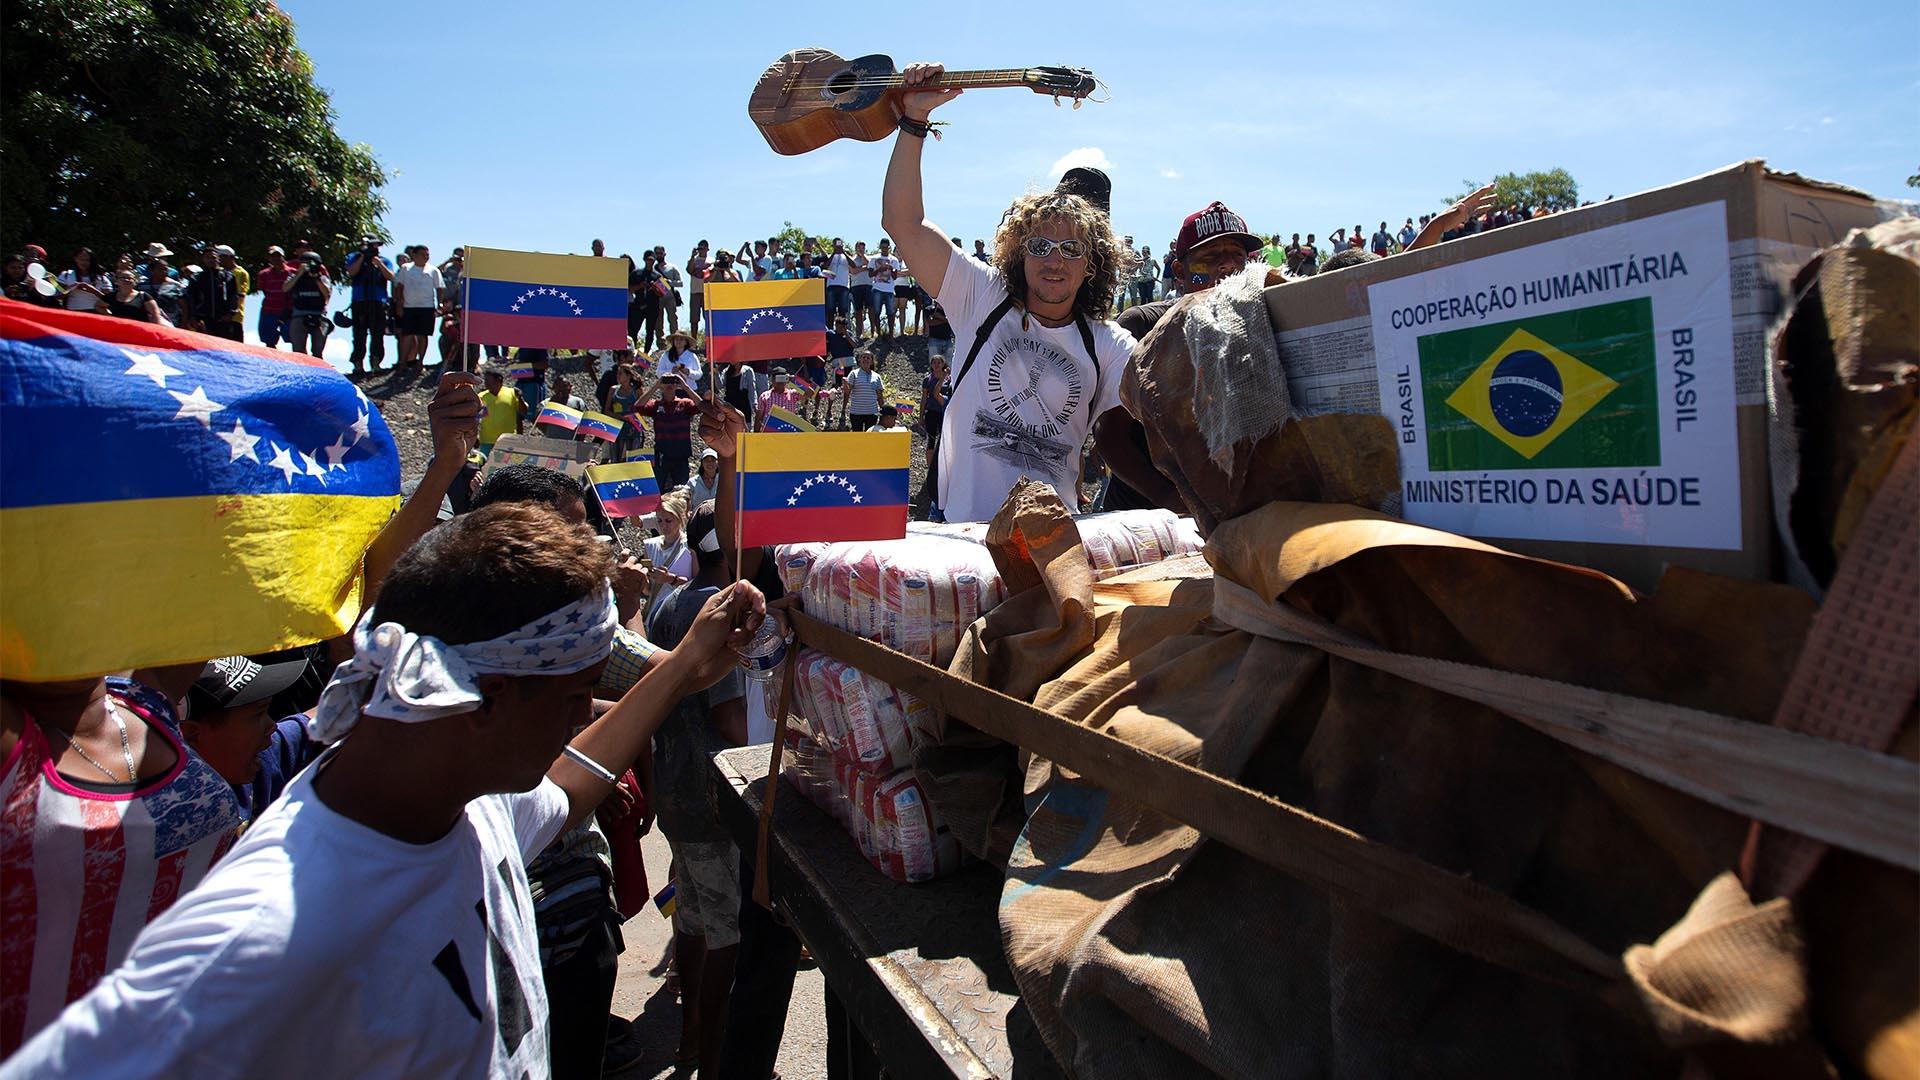 Personas celebran este sábado la llegada de la primera de las dos grandes cámaras con la ayuda humanitaria de Brasil a la localidad de Pacaraima, en el límite fronterizo entre ambos países, Cerrado desde el jueves por orden del régimen de Nicolás Maduro (EFE)